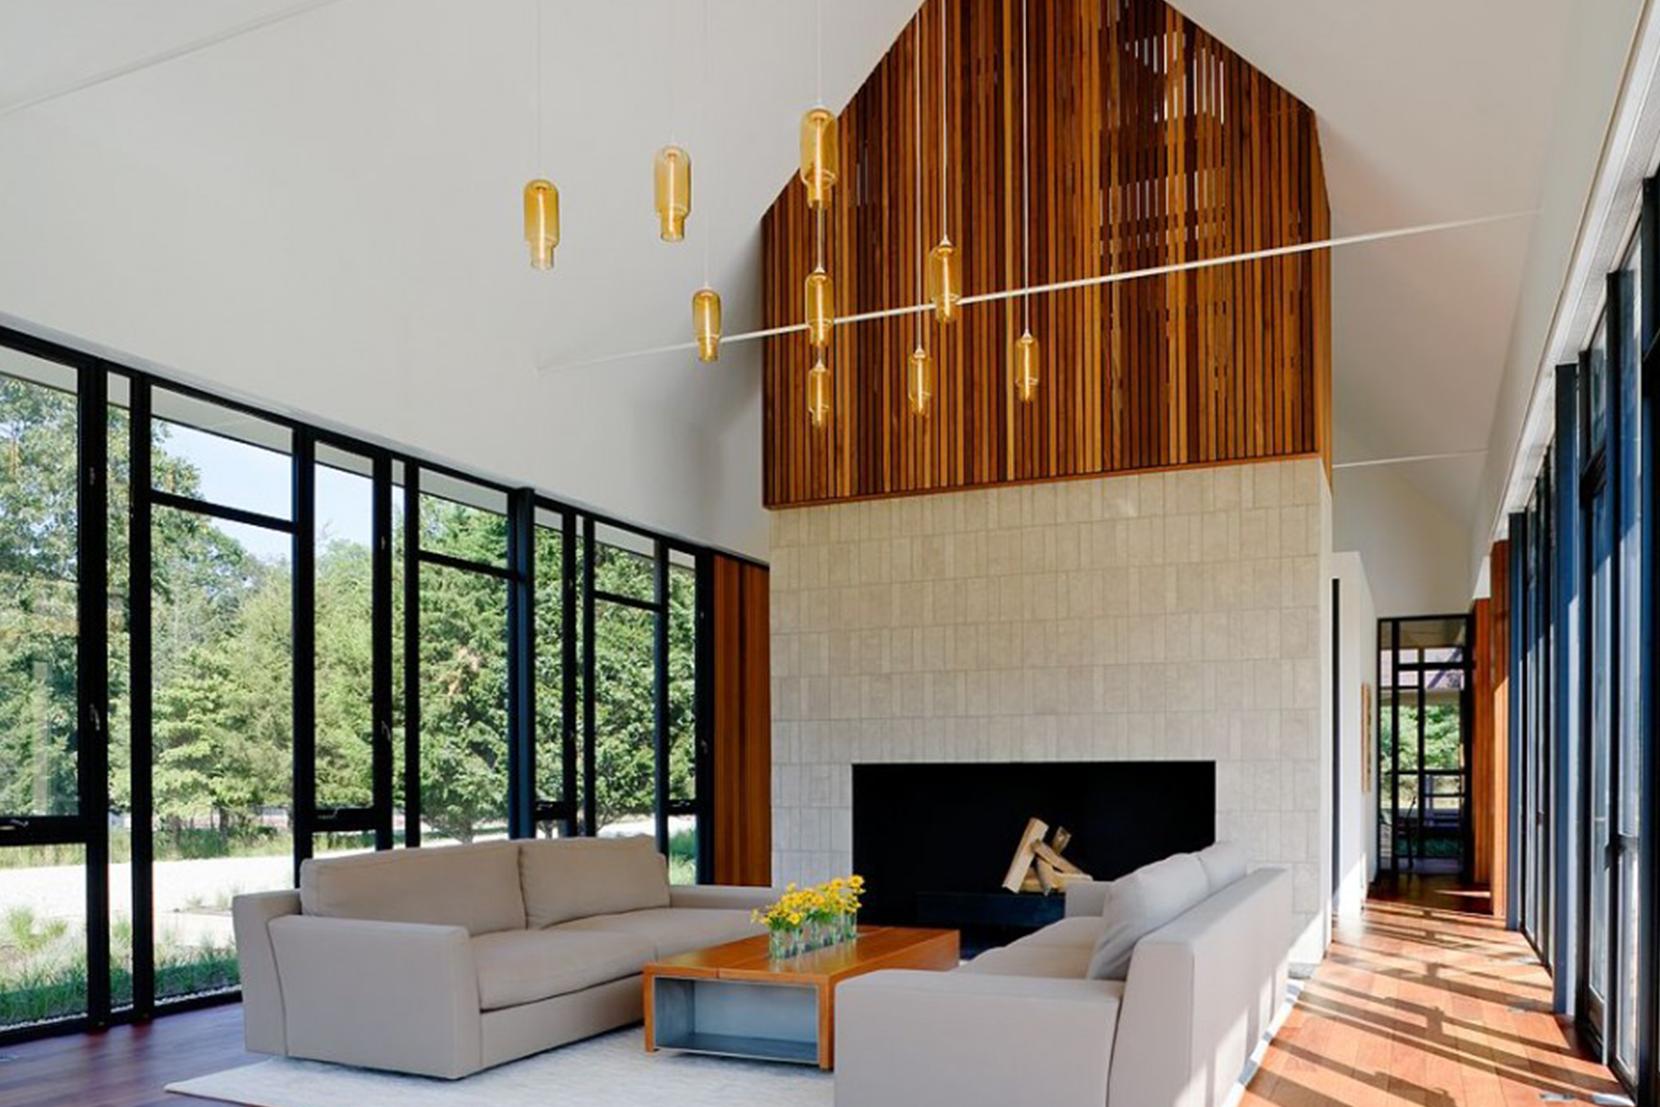 Modern Glass Living Room Lighting - Amber Pharos Pendant Lights